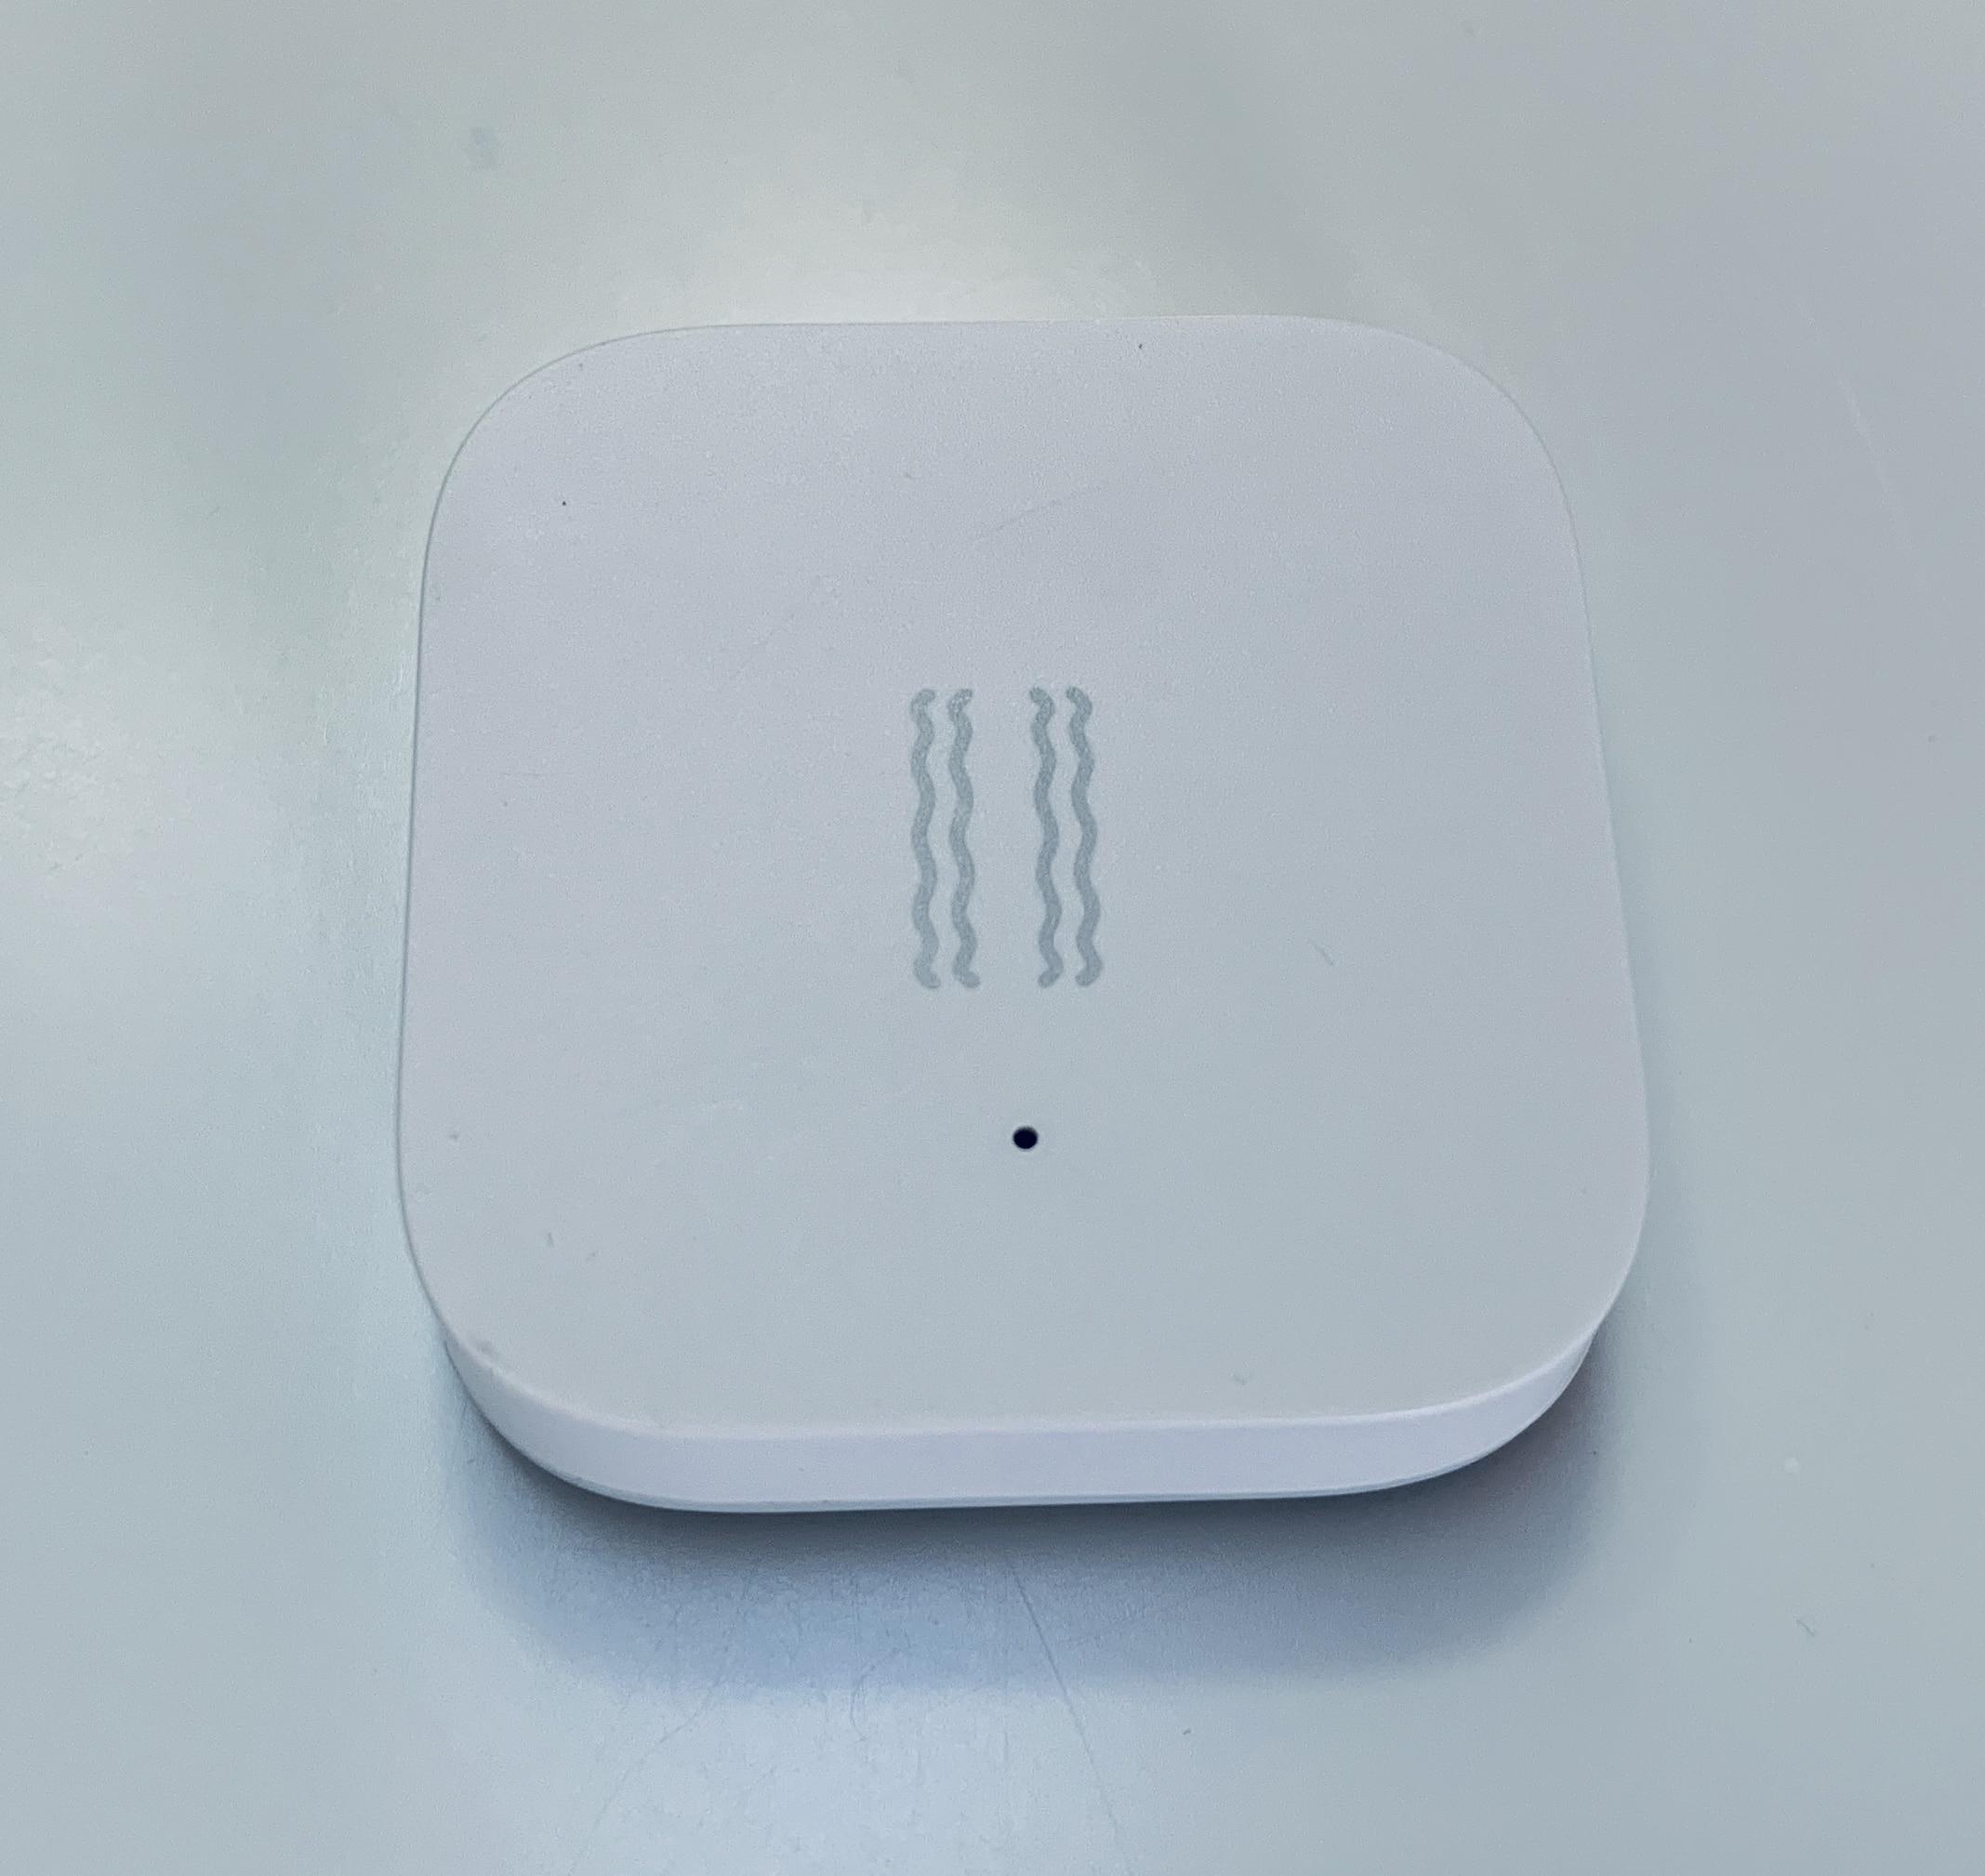 Xiaomi Aqara vibration Sensor